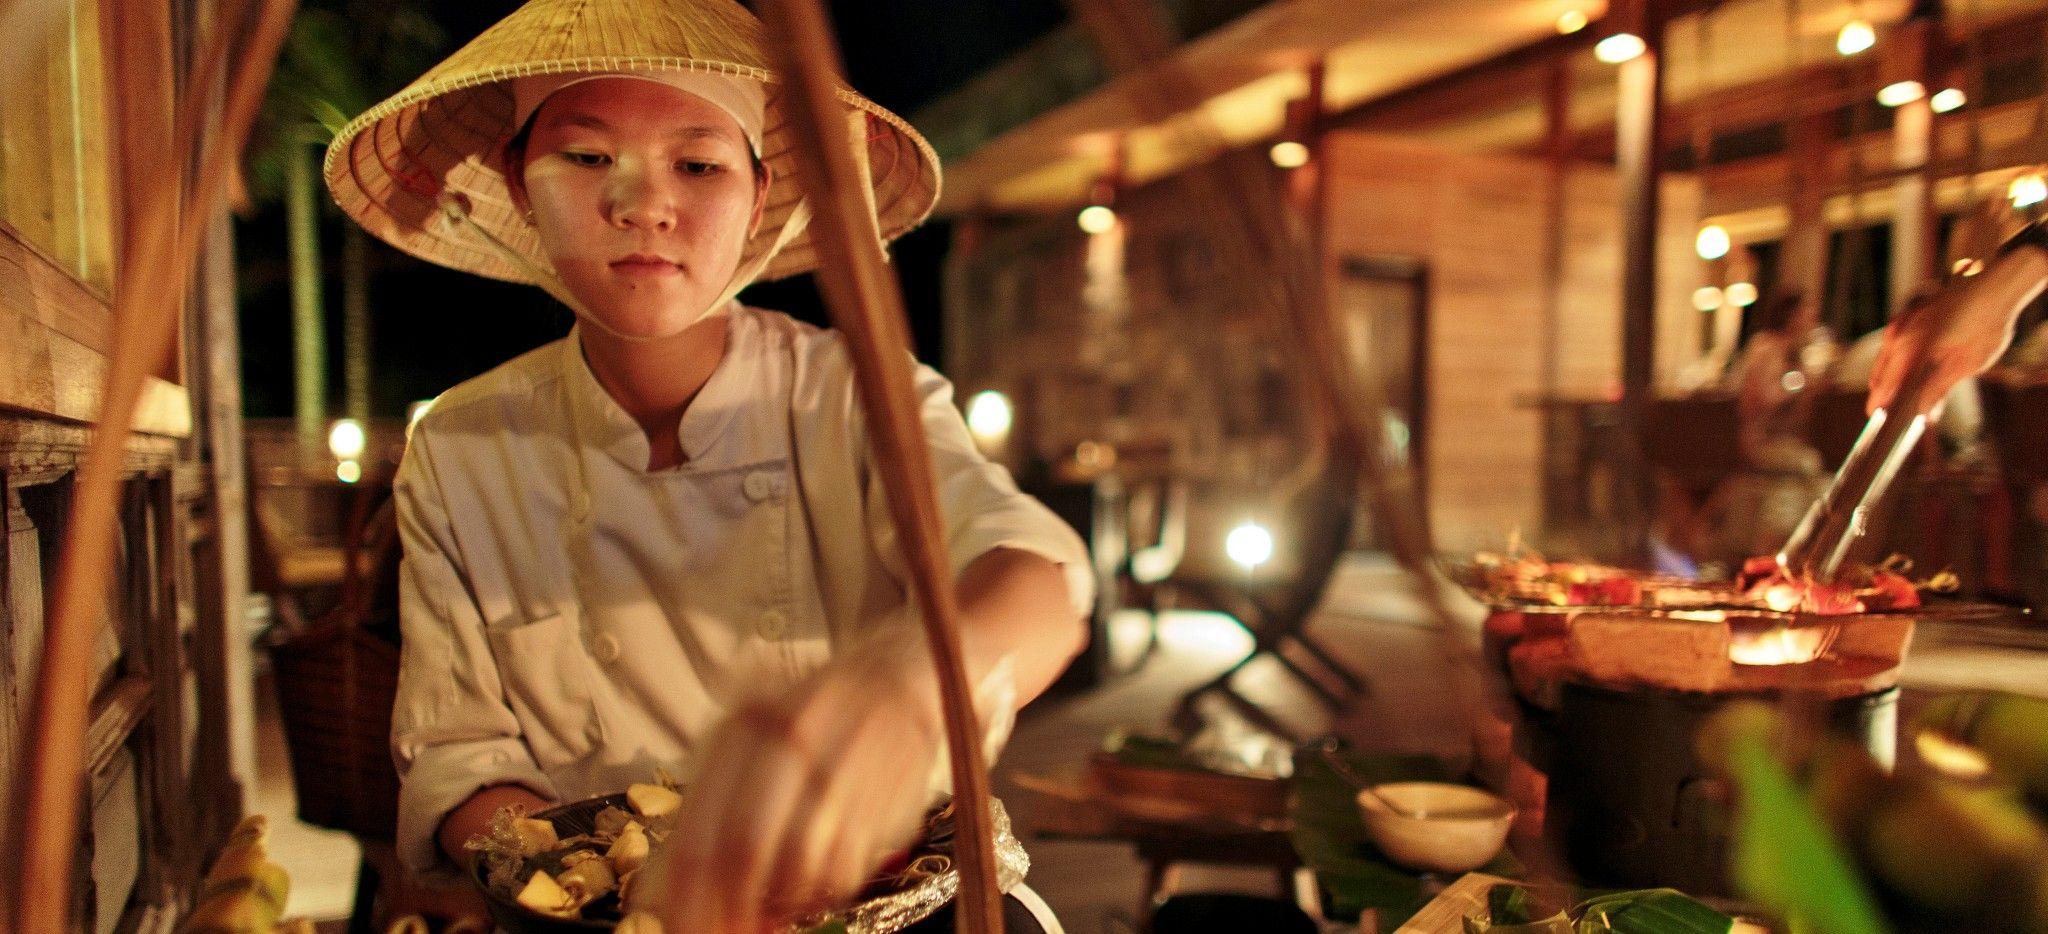 Eine Vietnamesische Köchin bereitet Speisen vor